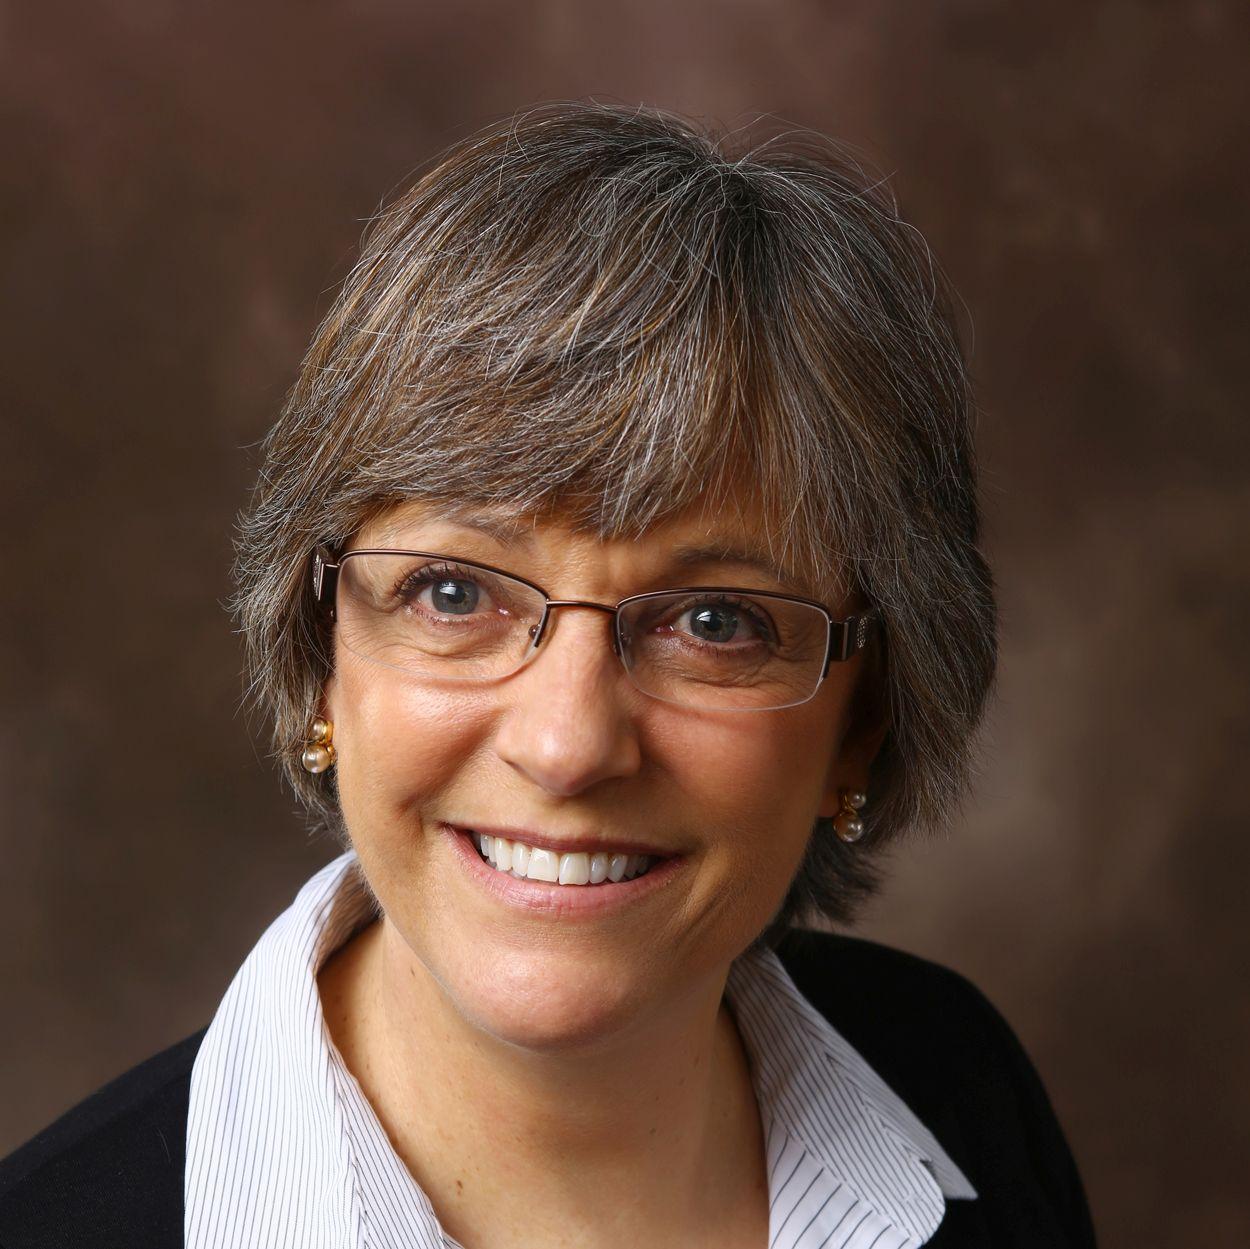 Linda Kepler